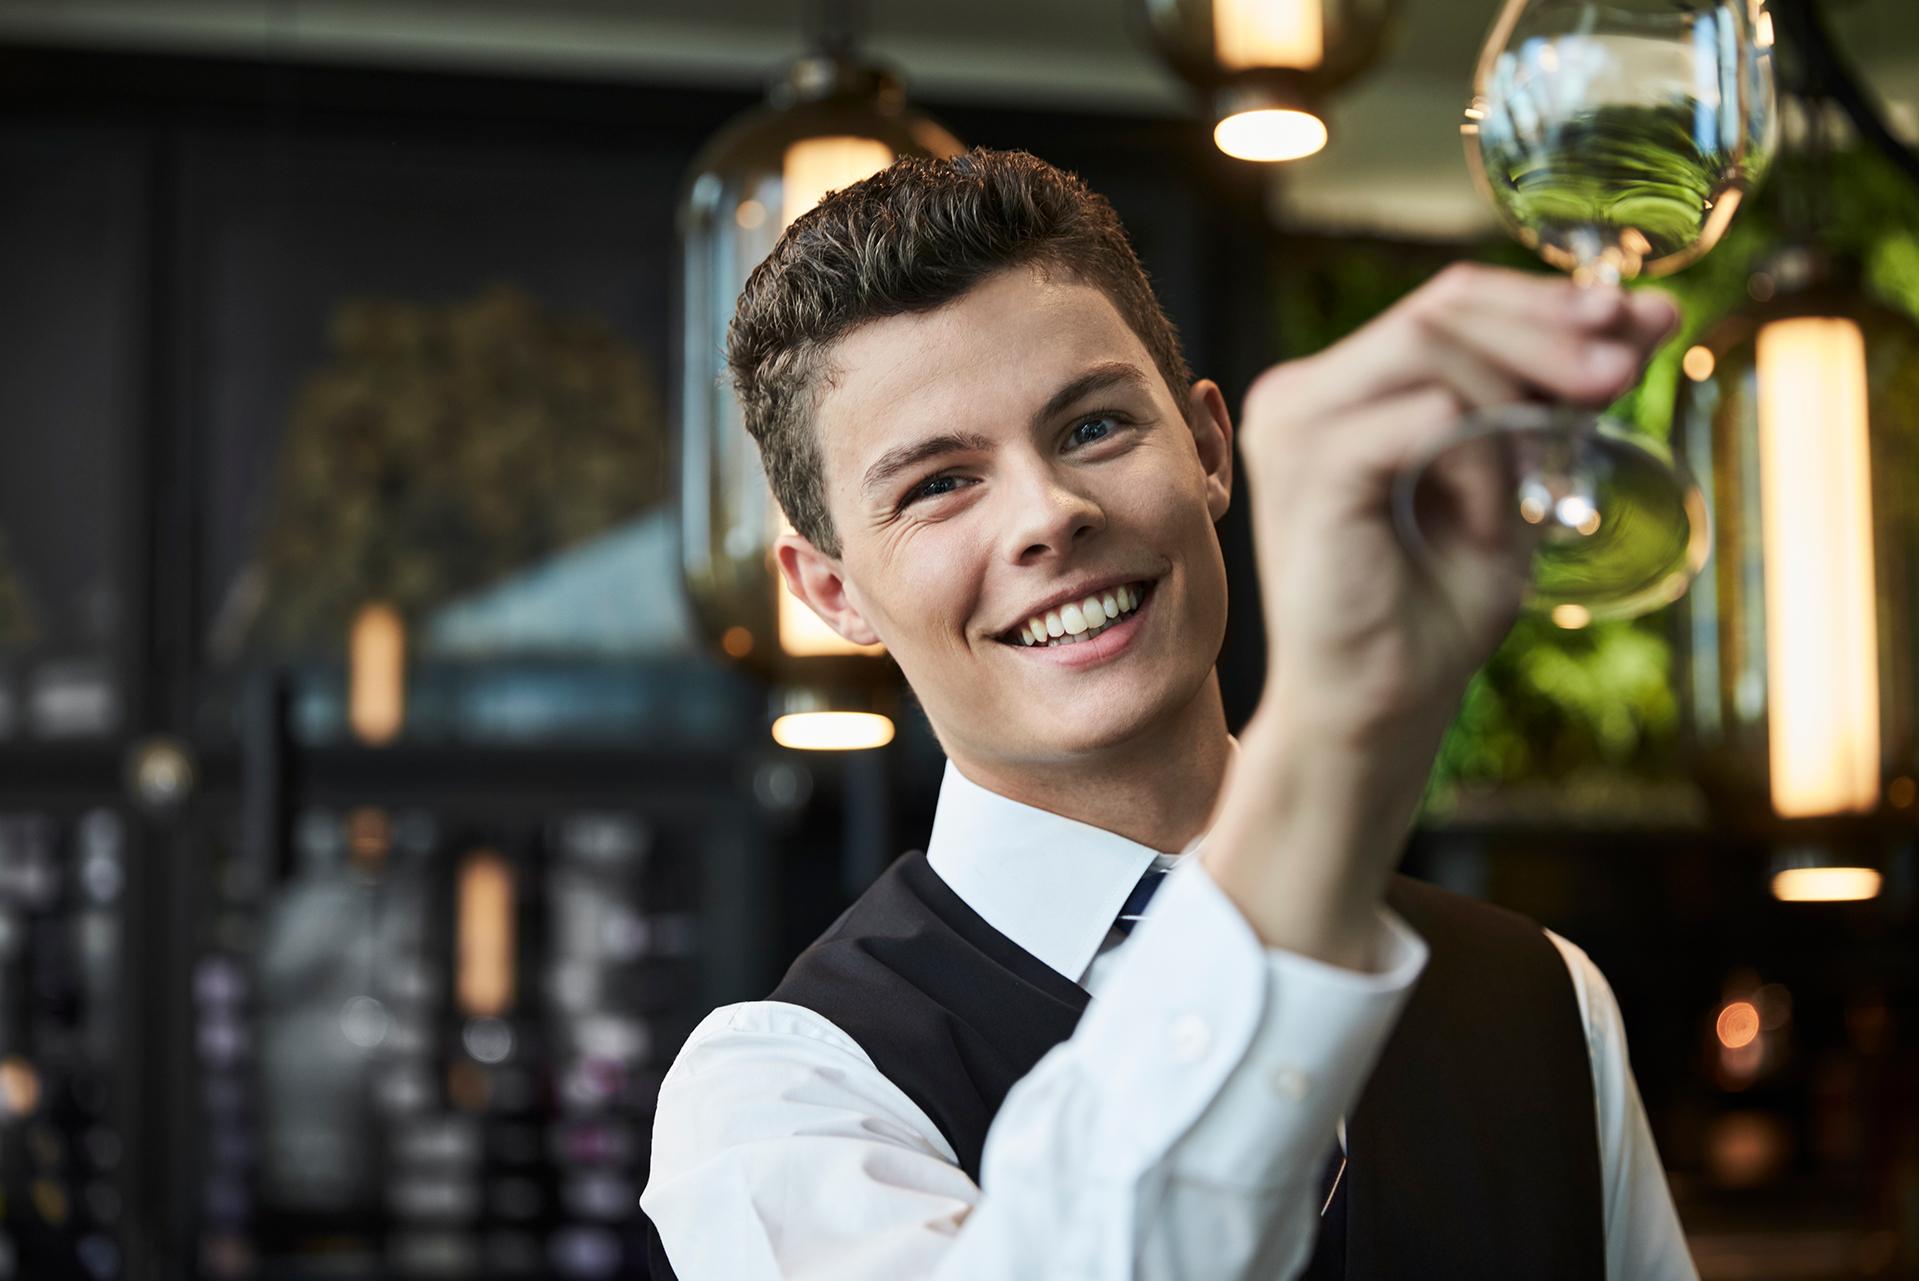 """""""Flere elever skal have et fedt praktikforløb og gennemføre deres uddannelse,"""" siger Malte Strunge, souschef for restaurantområdet på Hotel Koldingfjord. Han er en af de unge ambassadører for hotel- og restauranterhvervets projekt med at få flere unge igennem erhvervsuddannelserne. Arkivfoto: Hotel Koldingfjord."""